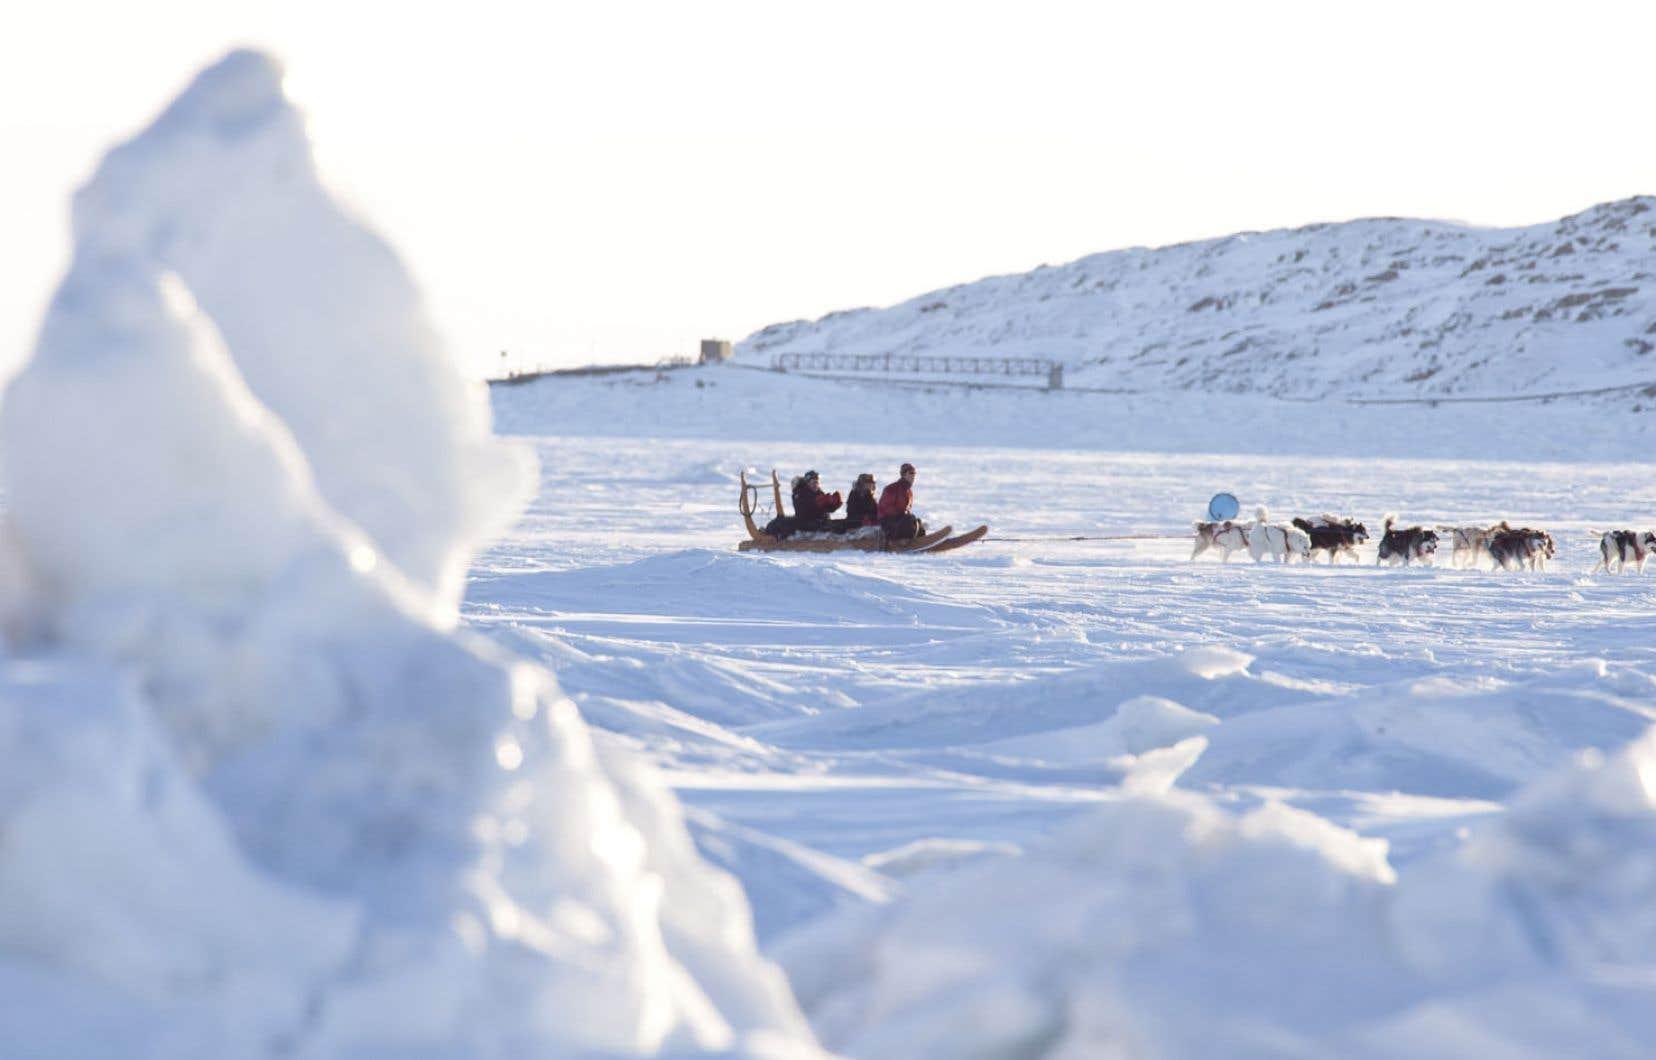 Au Nunavut, le gel arrive quatre semaines plus tard qu'avant, ce qui rend, par exemple, la pêche sur glace moins sécuritaire. Chez les peuples autochtones, le manque de nourriture de sources traditionnelles entraîne la dépendance aux aliments industriels, ce qui crée des problèmes de santé tels que le diabète.